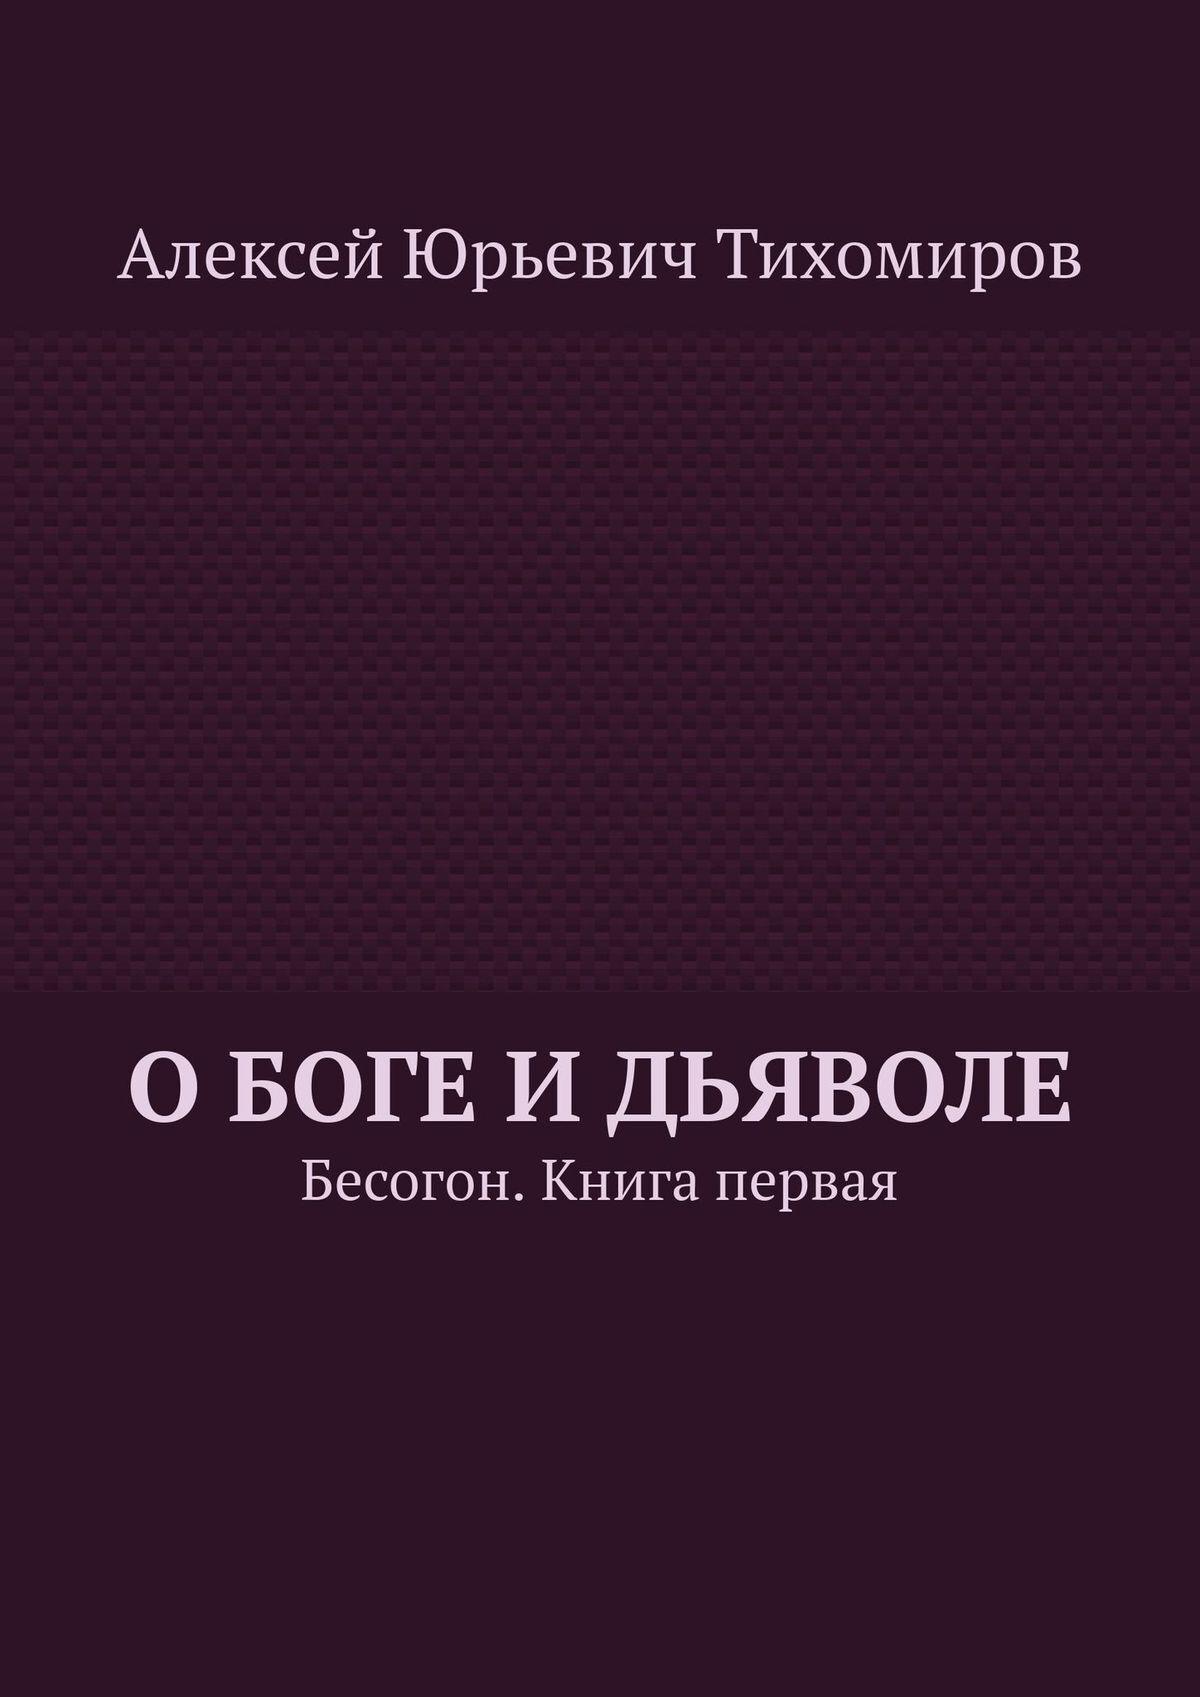 Алексей Юрьевич Тихомиров. ОБоге иДьяволе